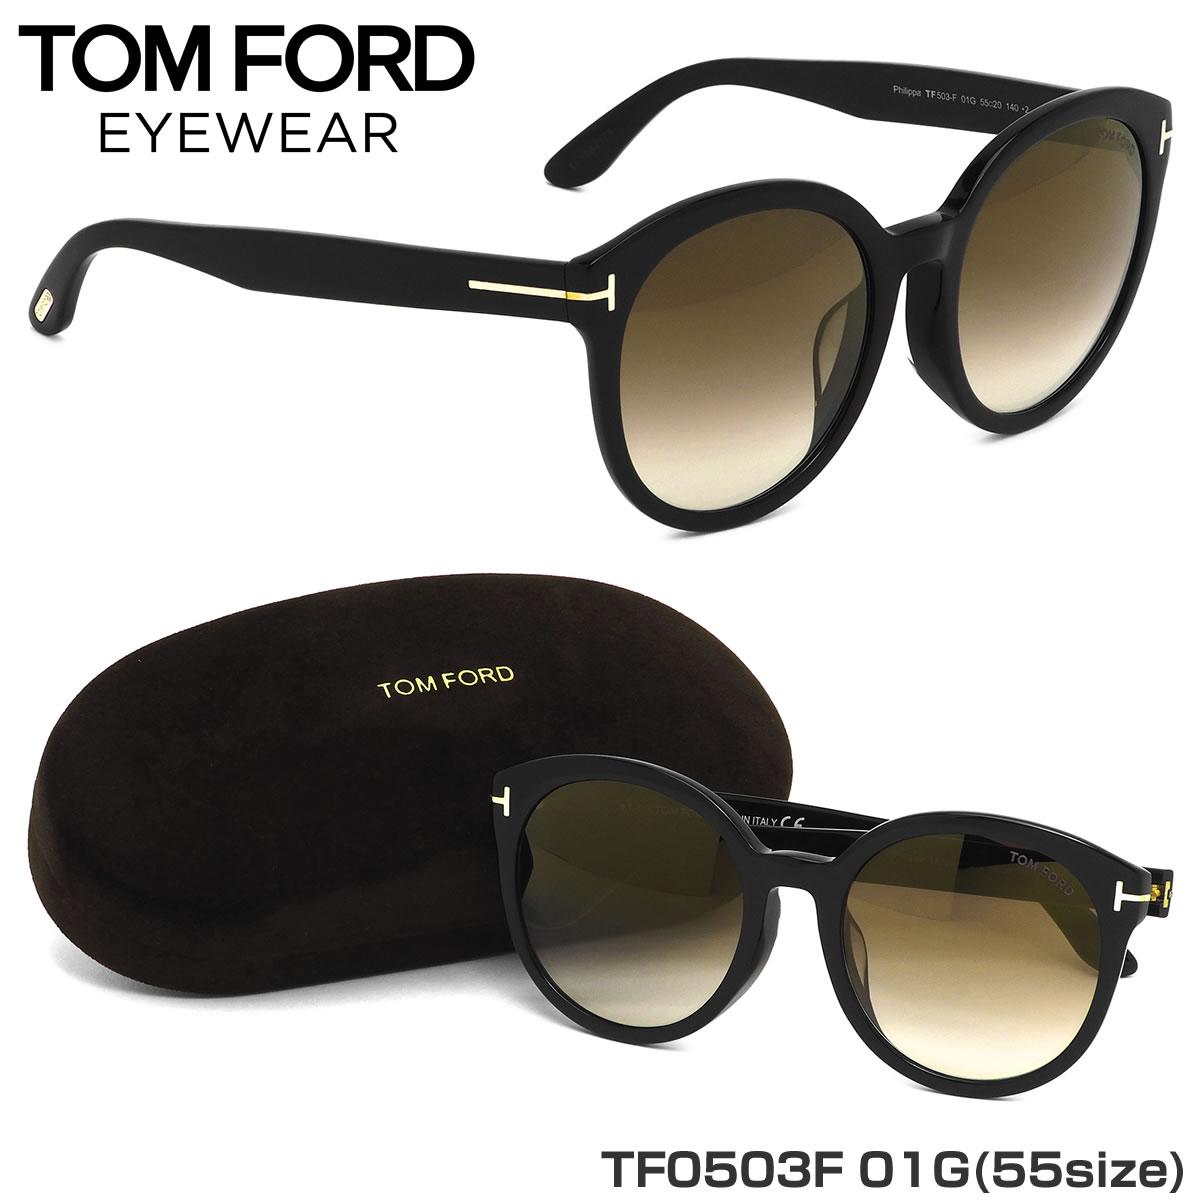 【10月30日からエントリーで全品ポイント20倍】TOM FORD トムフォード サングラスTF0503F 01G 55サイズPhilippa アジアンフィット フルフィット Made in Italy トムフォードTOMFORD メンズ レディース